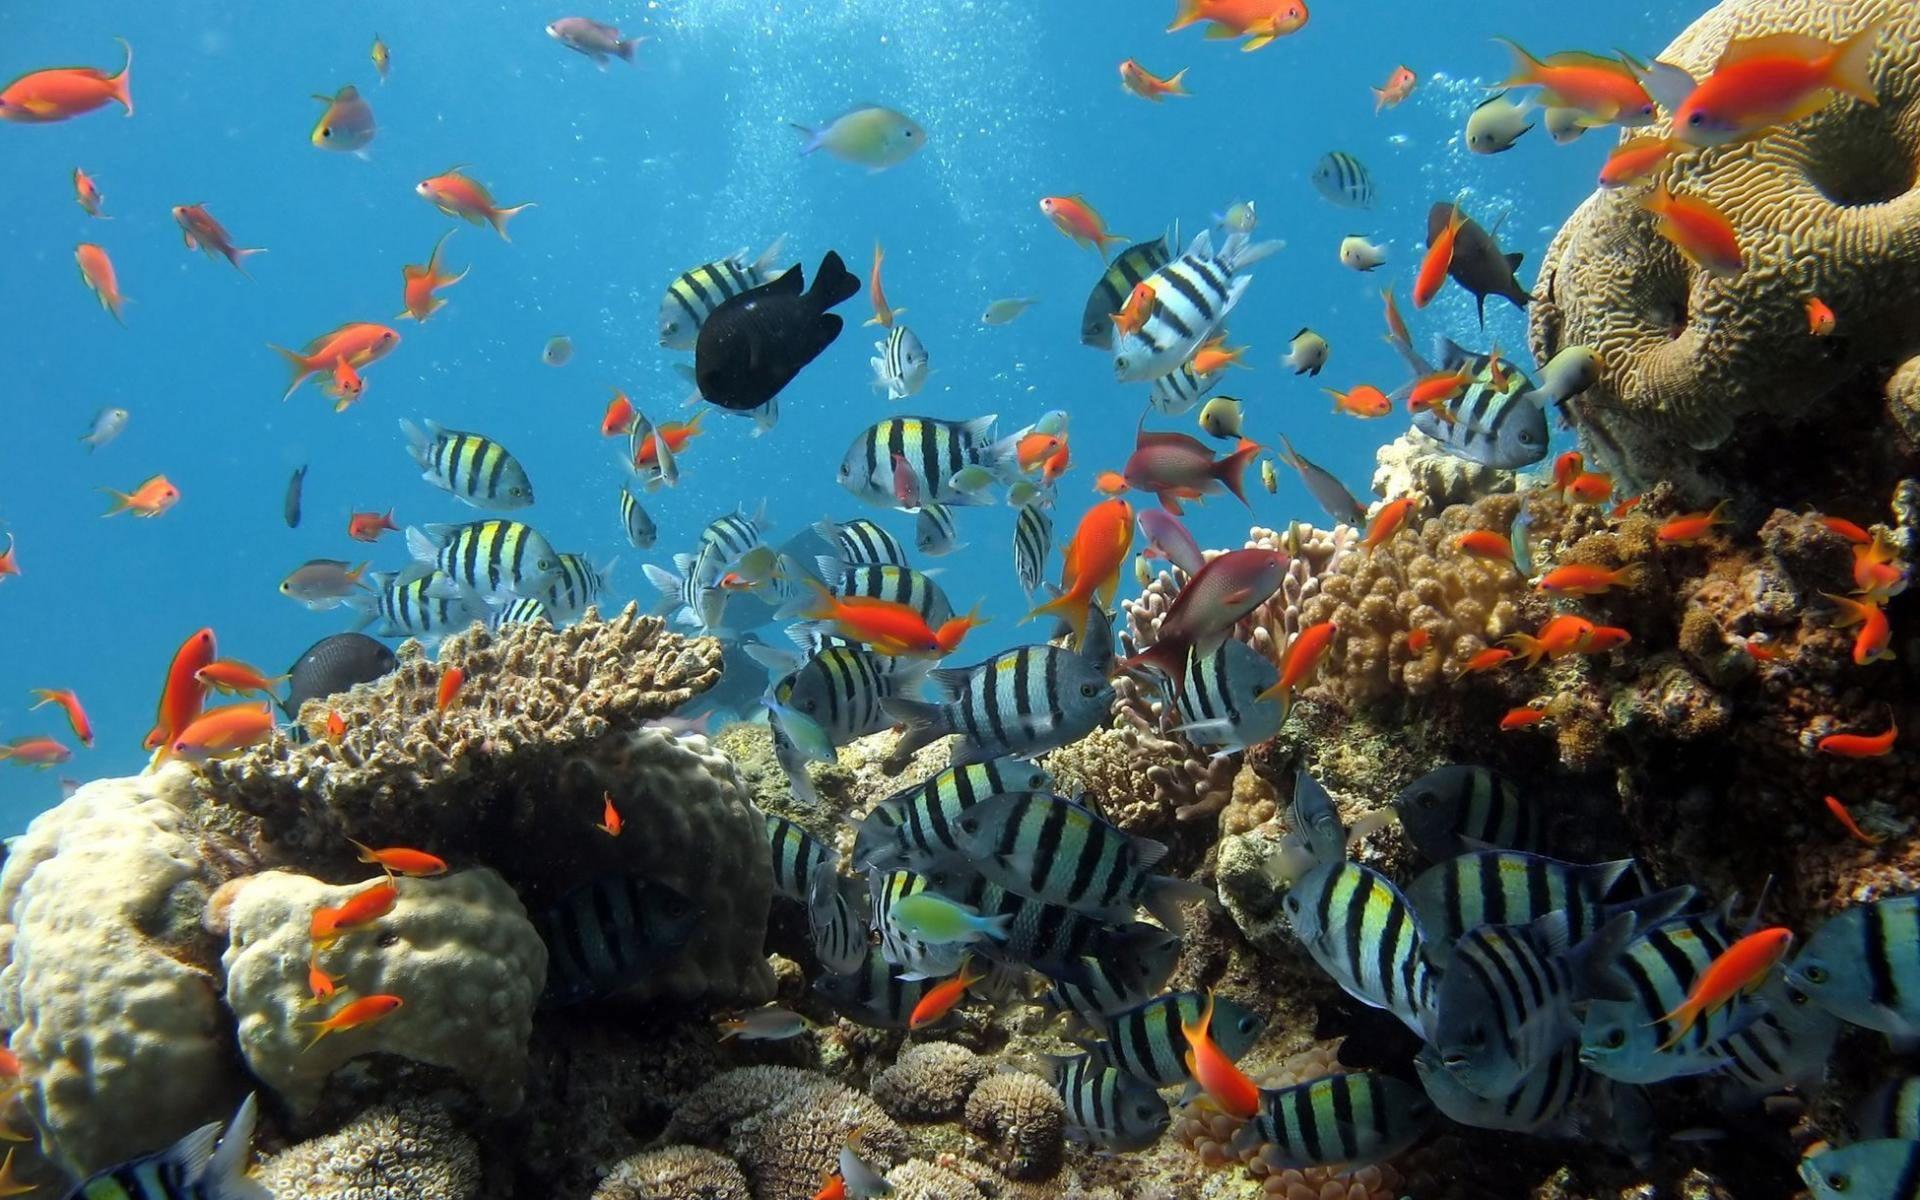 Fondo De Pantalla Acuario En Hd Gratis Para Descargar 6 Arrecifes De Coral Fondo De Pantalla De Peces Peces Tropicales